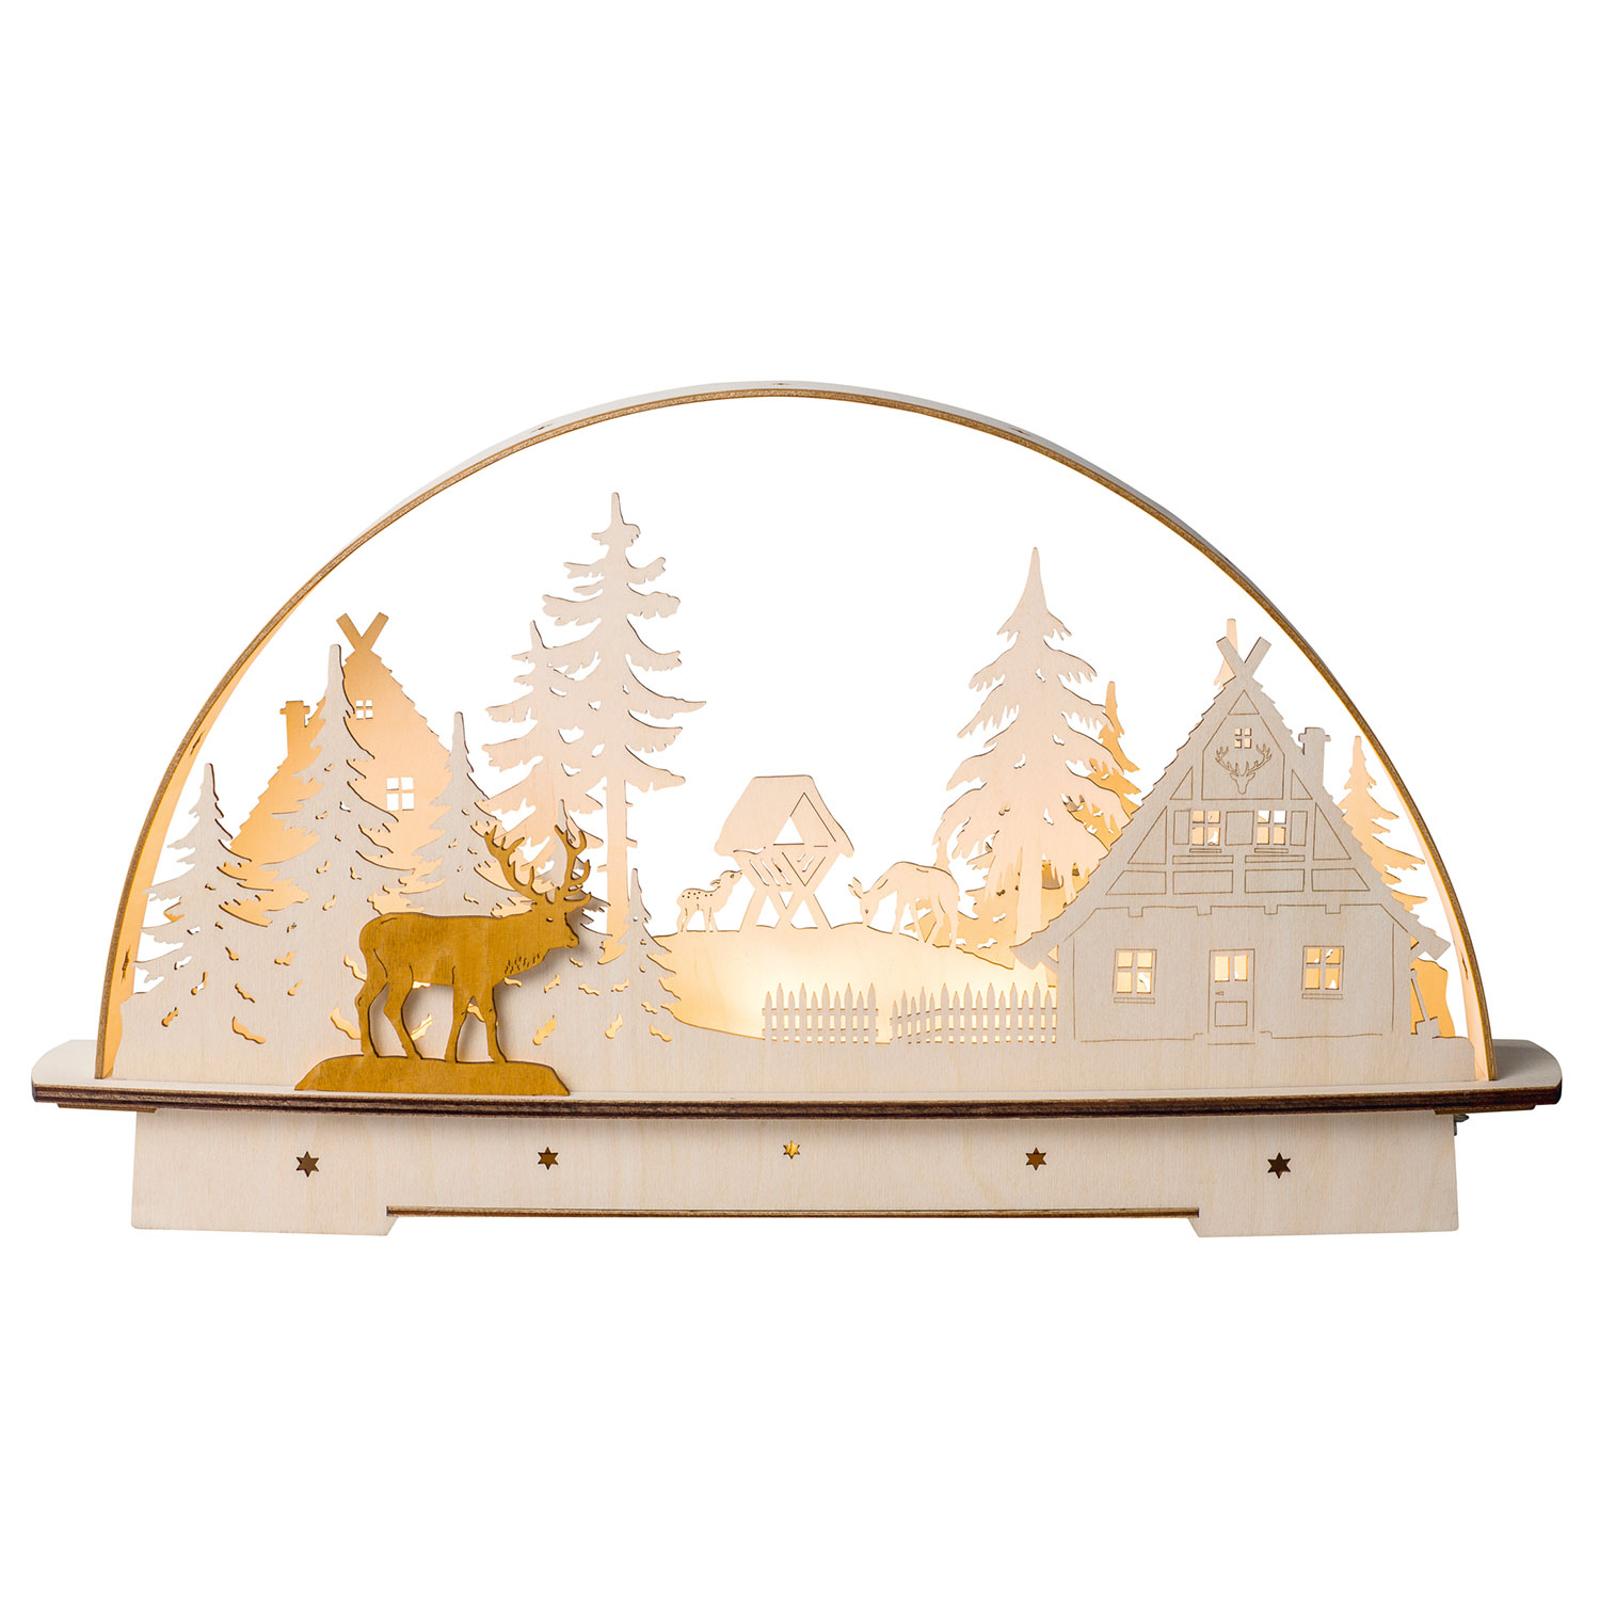 LED-ljusbåge hus i skogen, batteridriven